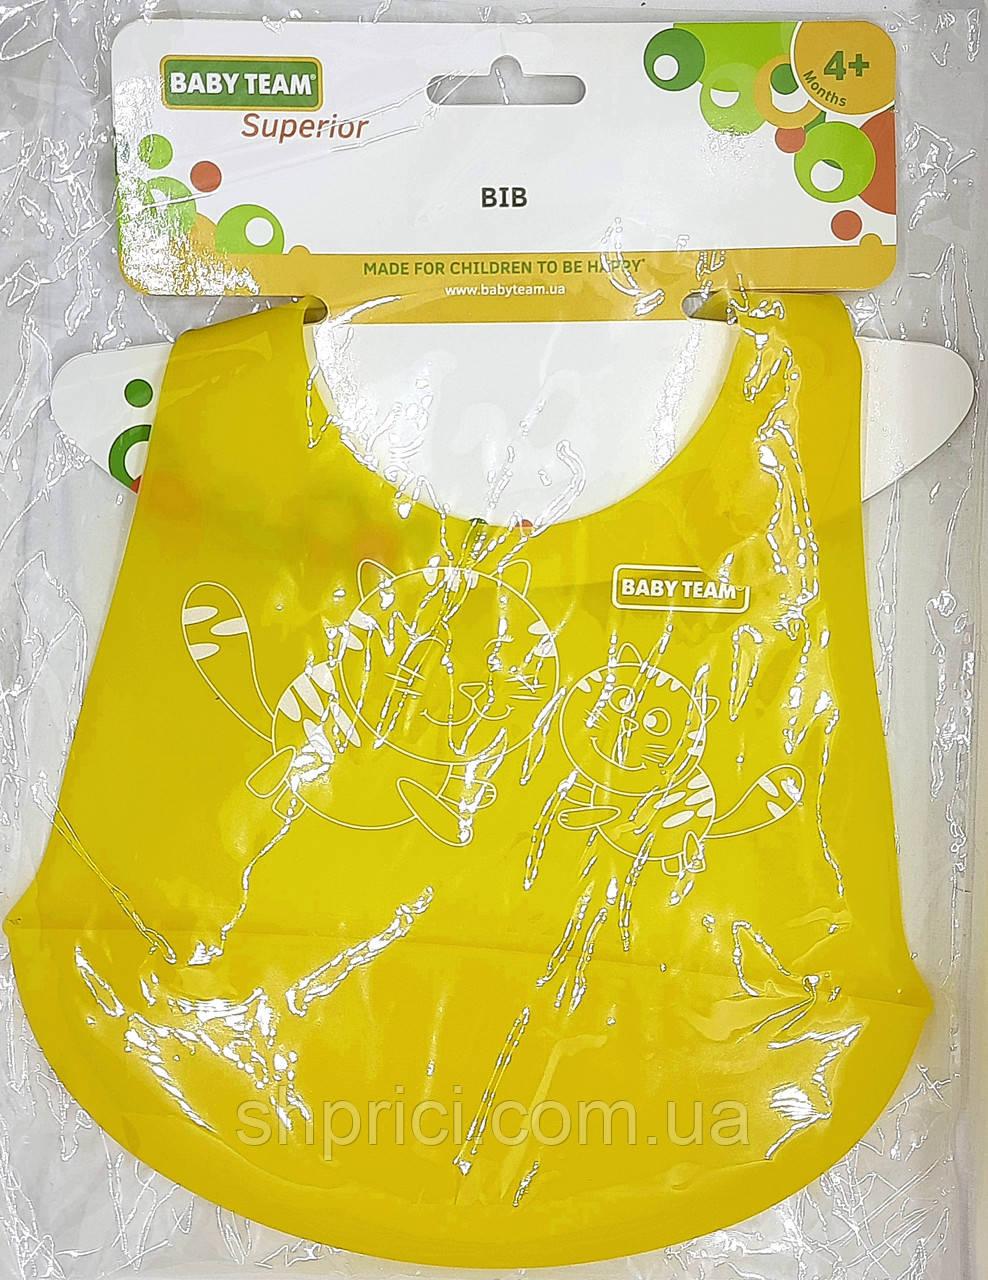 Нагрудник силиконовый, 4+,Baby Тeam, арт. 6591